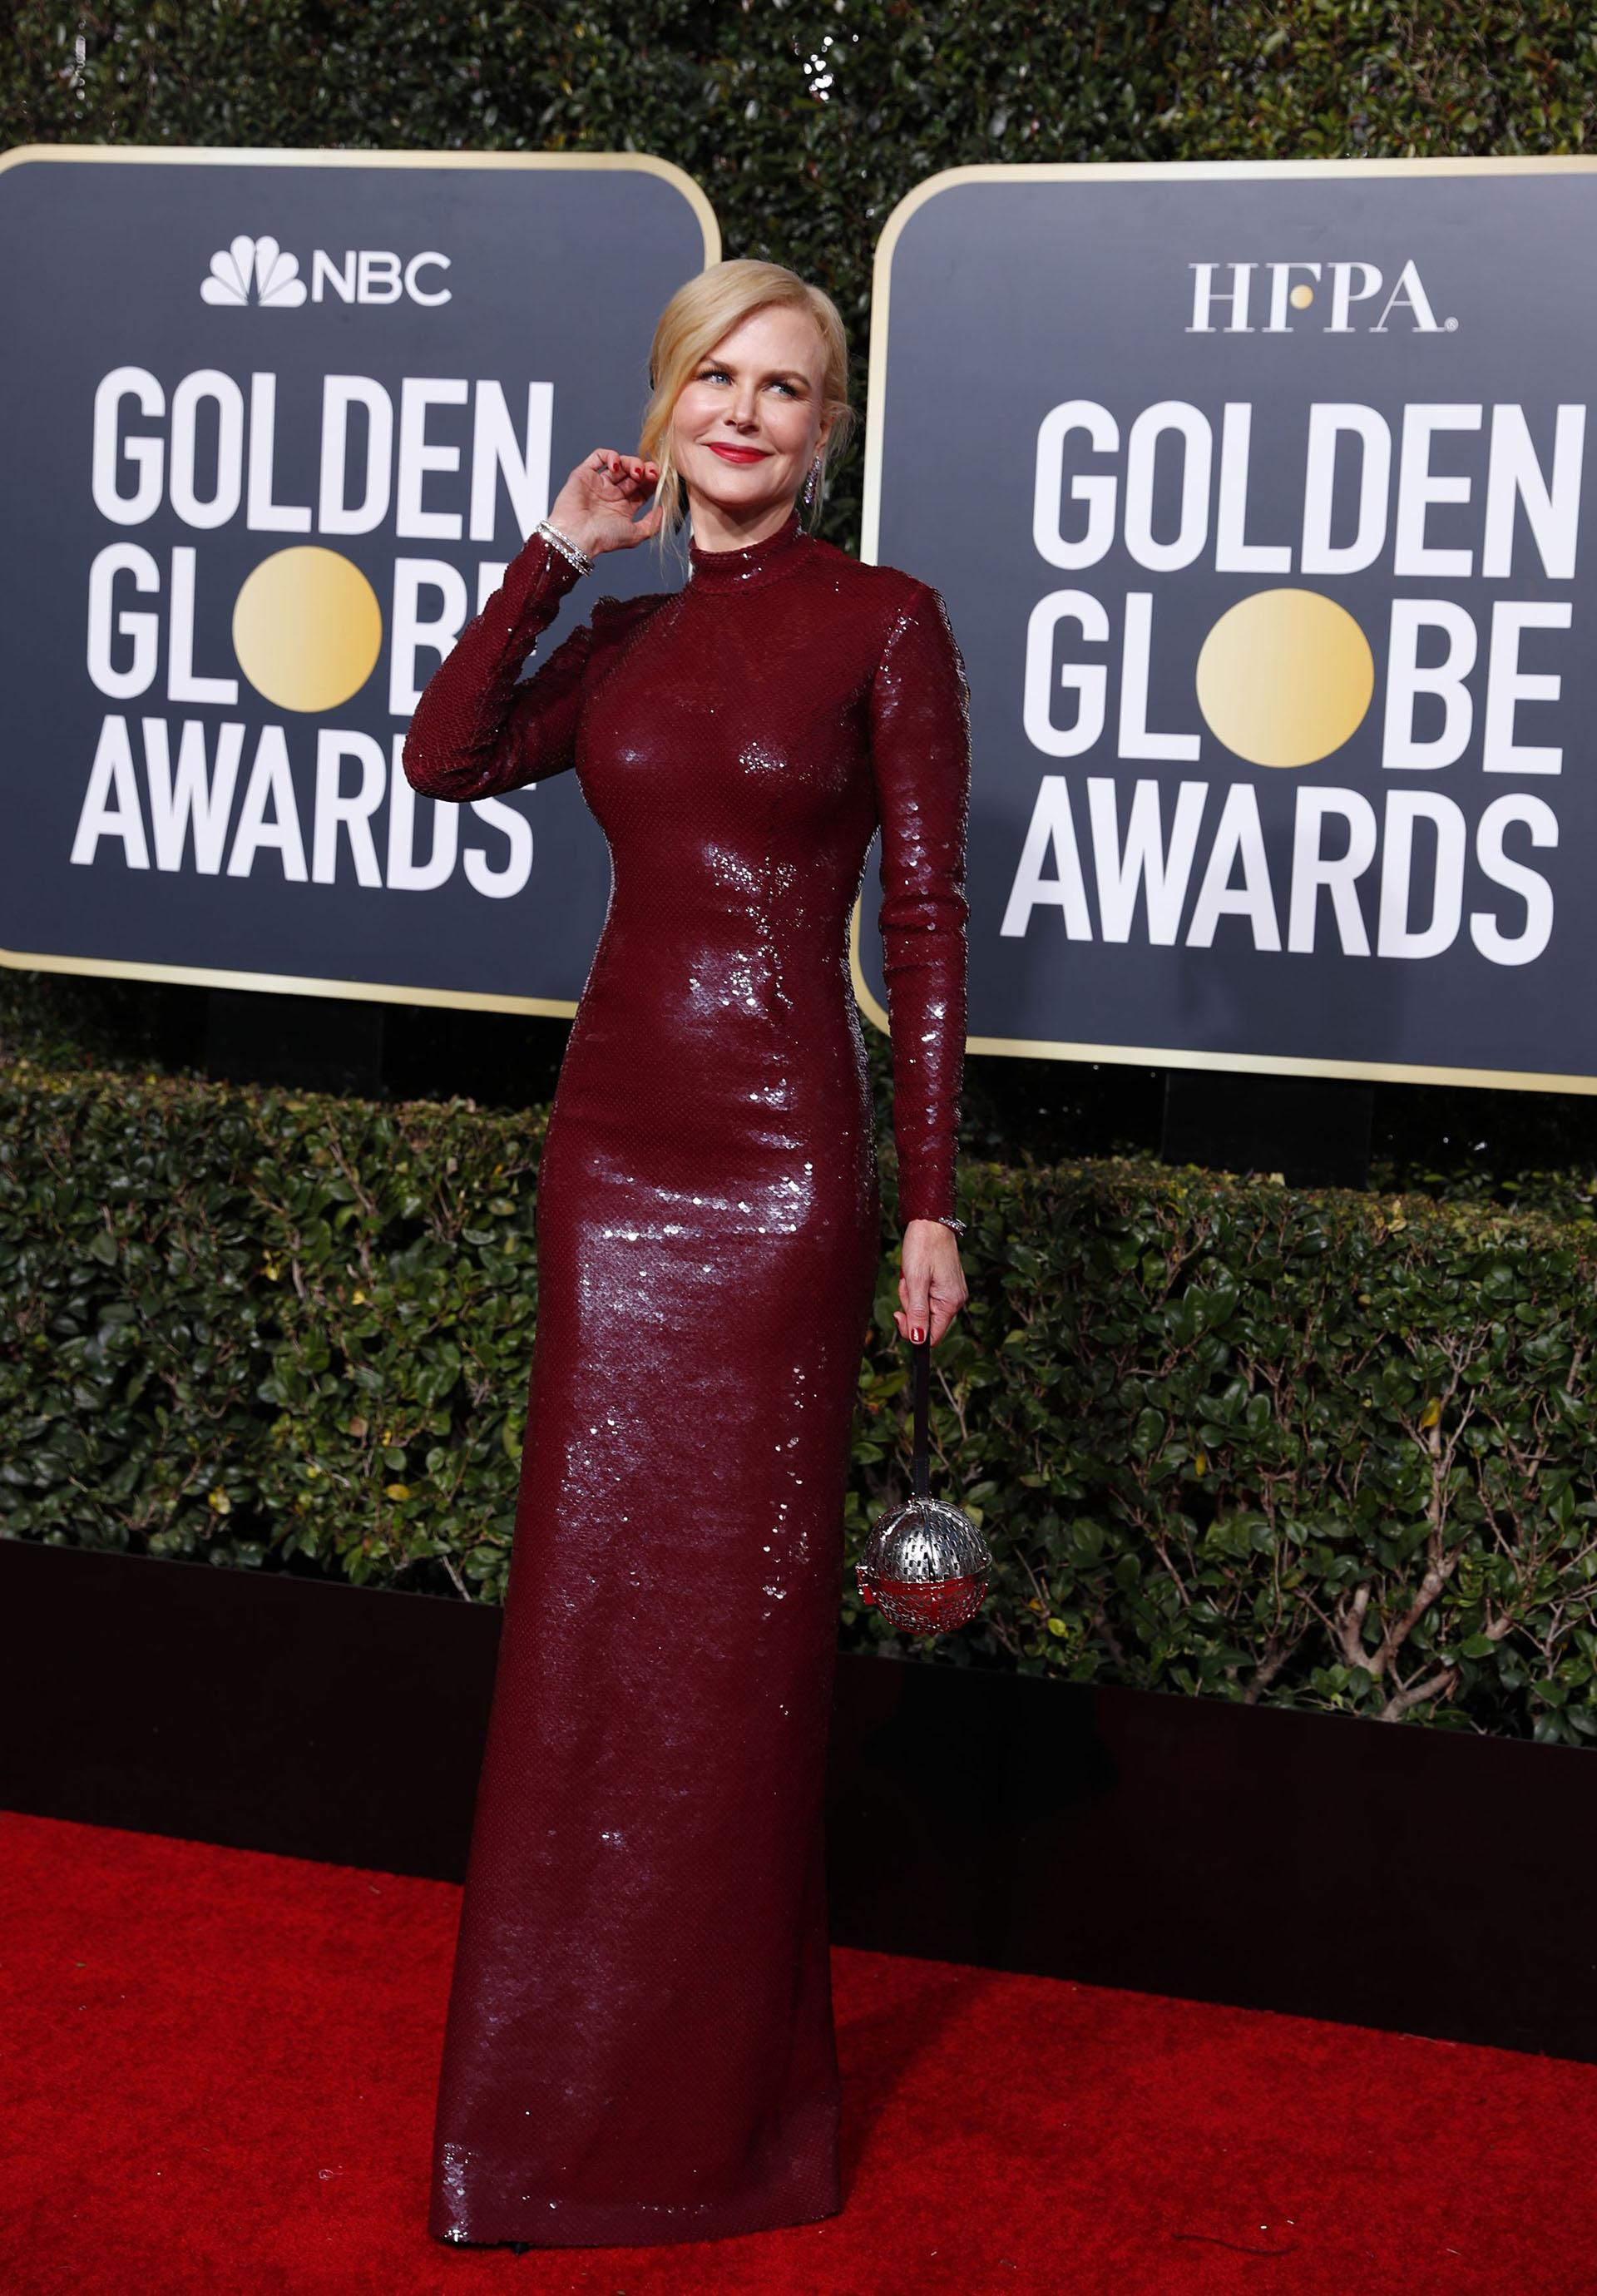 Paillettes y cuello cisne en color borravino. Nicole Kidman completó su look de red carpet con un clutch rígido en forma circular